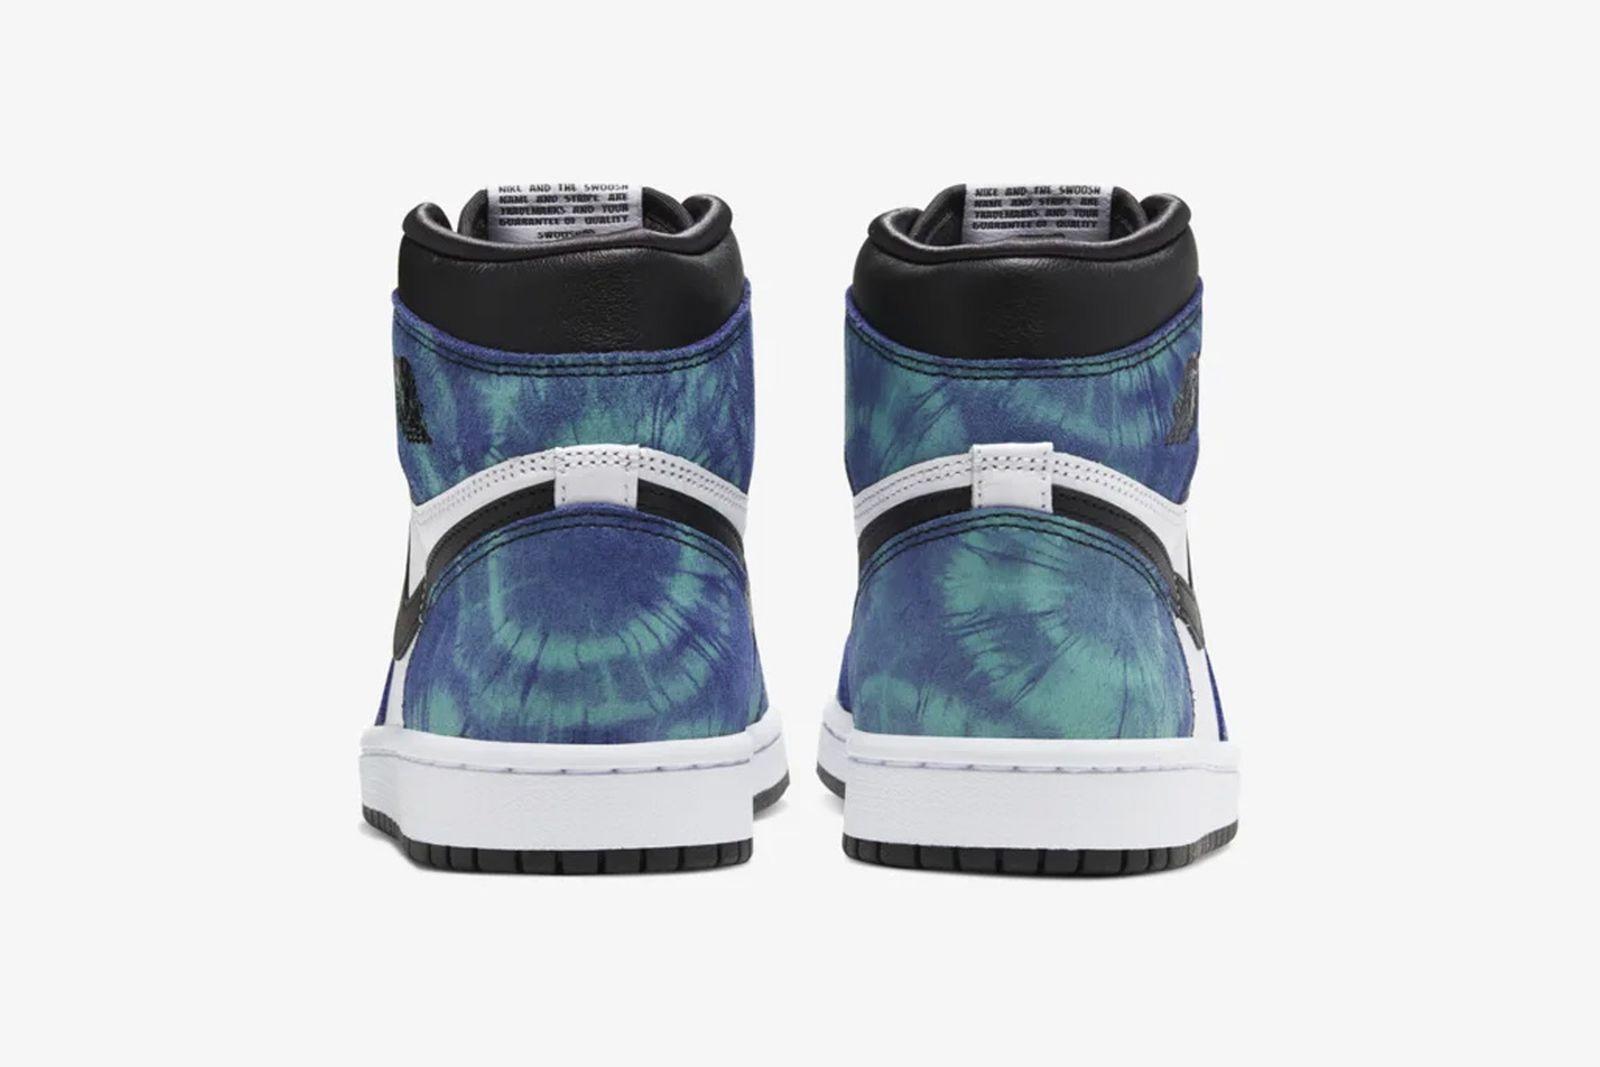 Black and blue tie-dye Nike Air Jordan 1 view from the heel